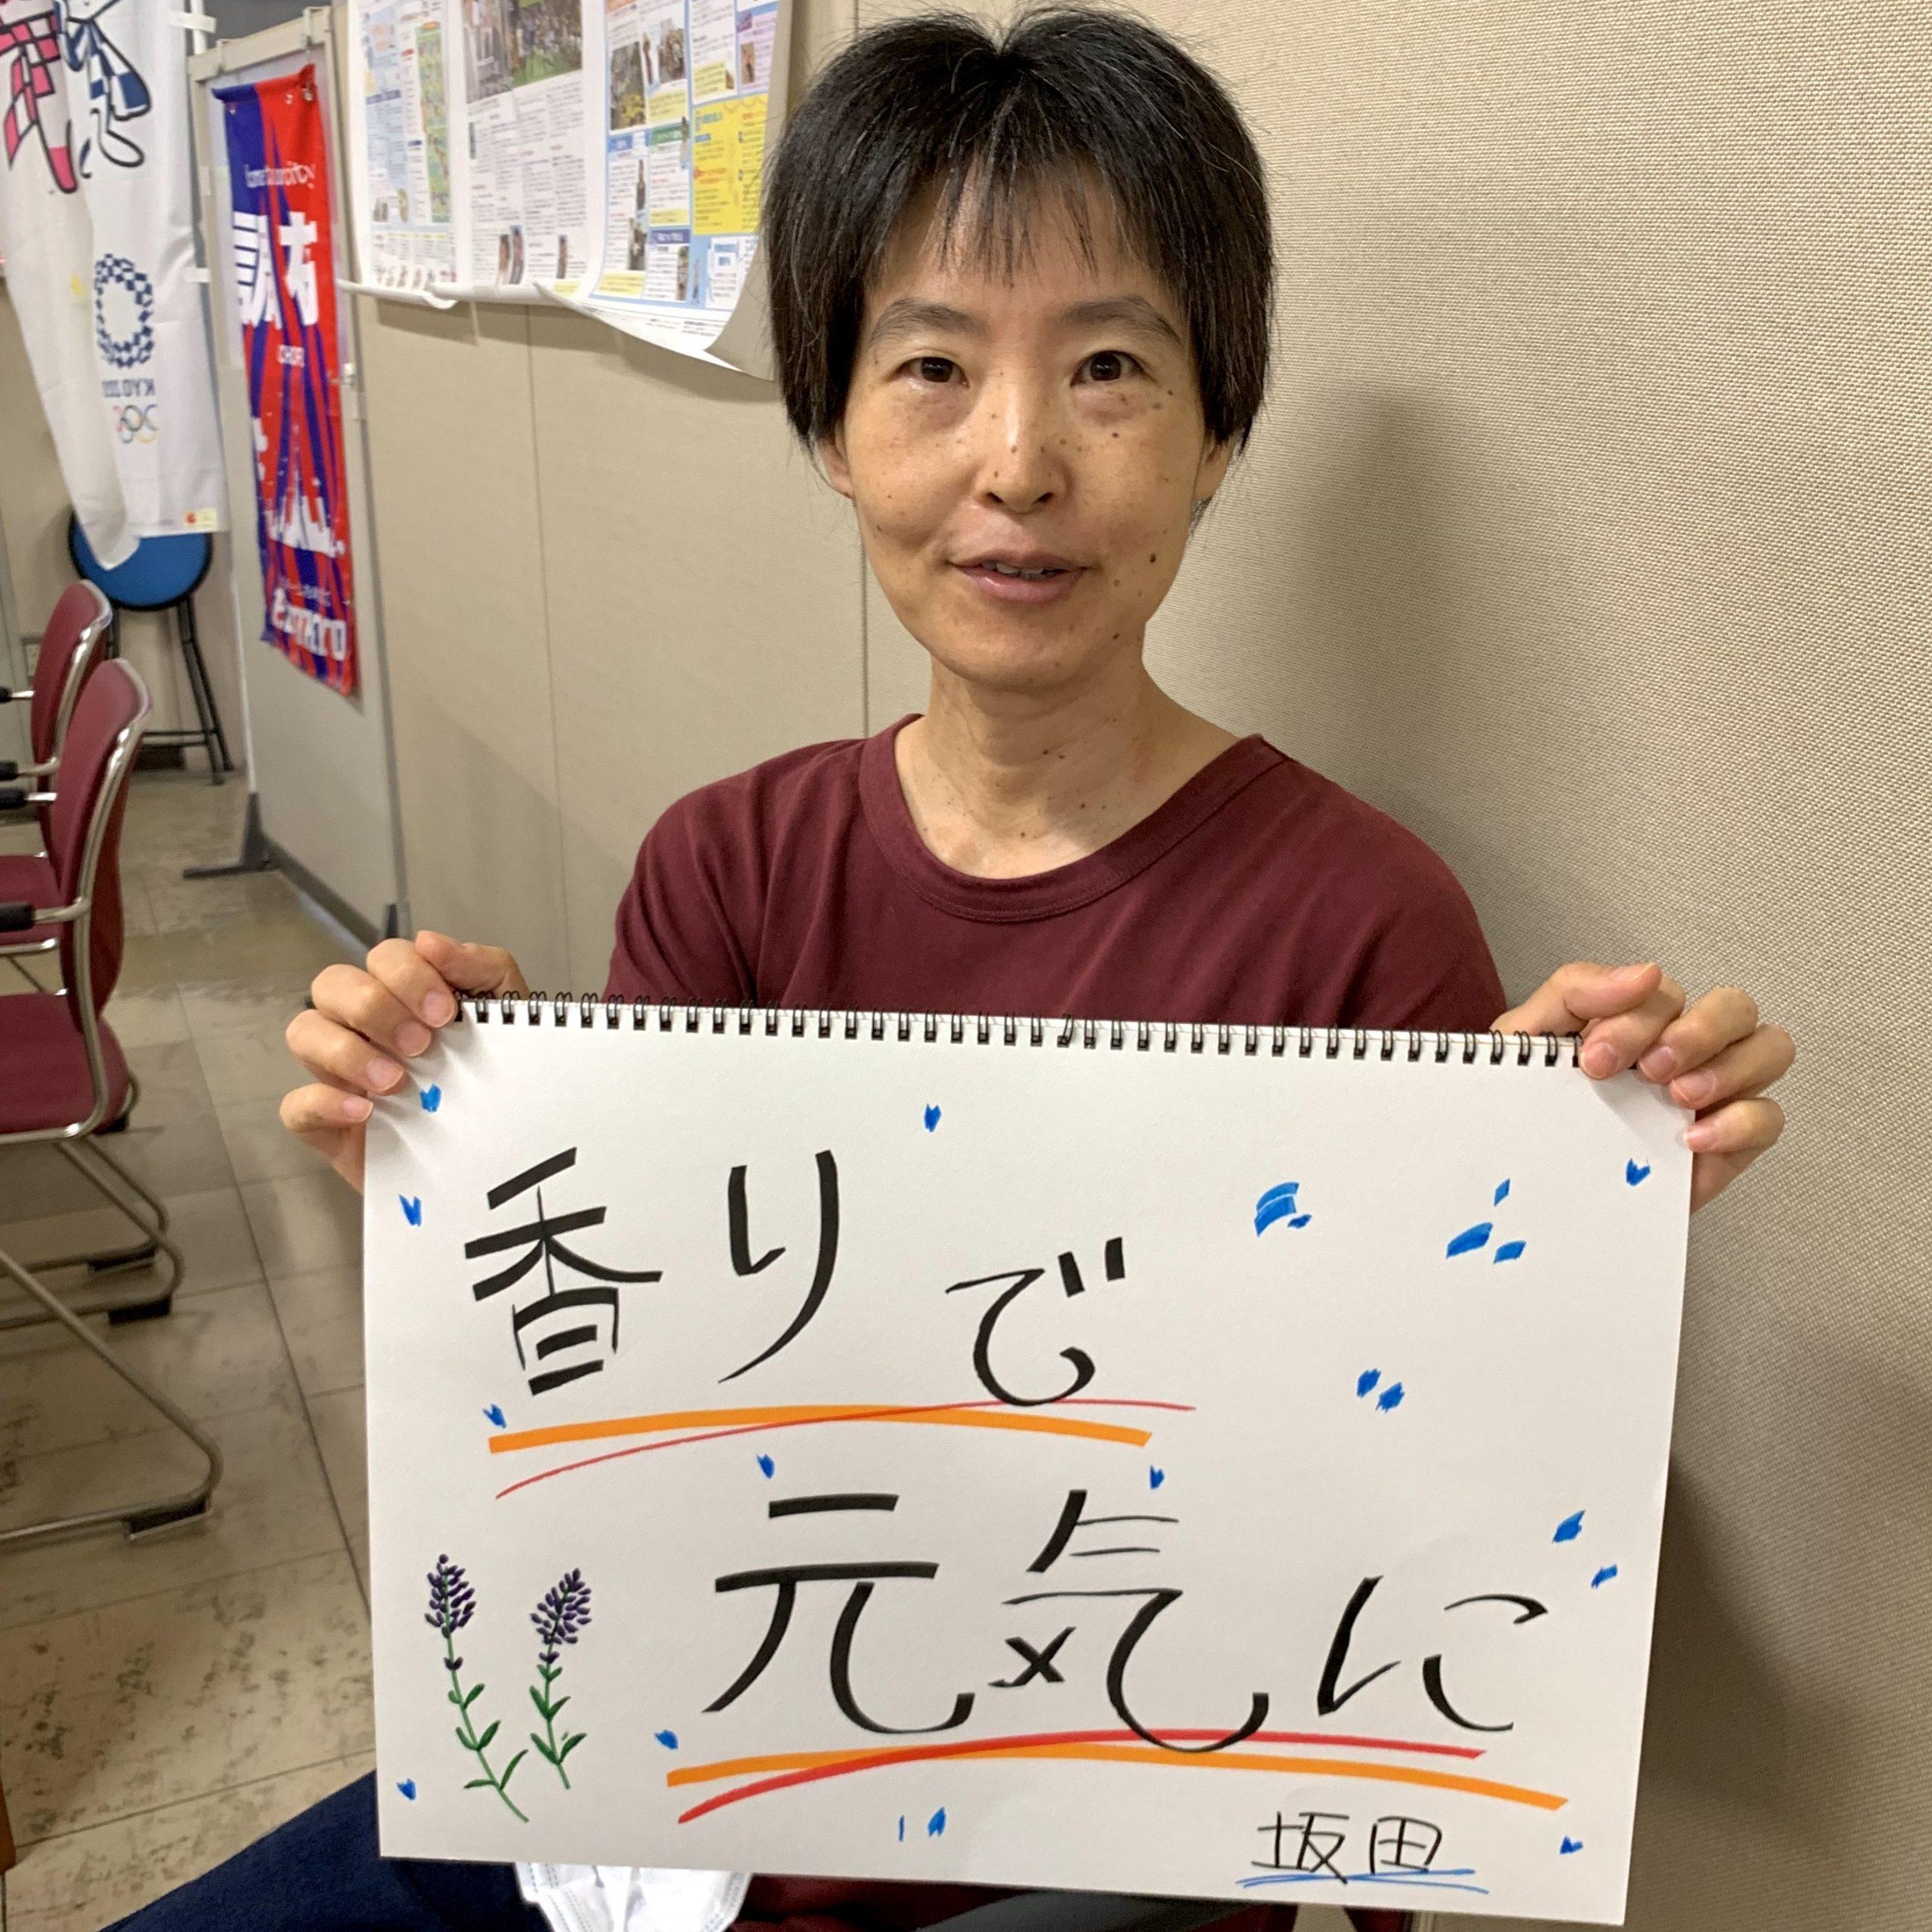 坂田幸江さんです